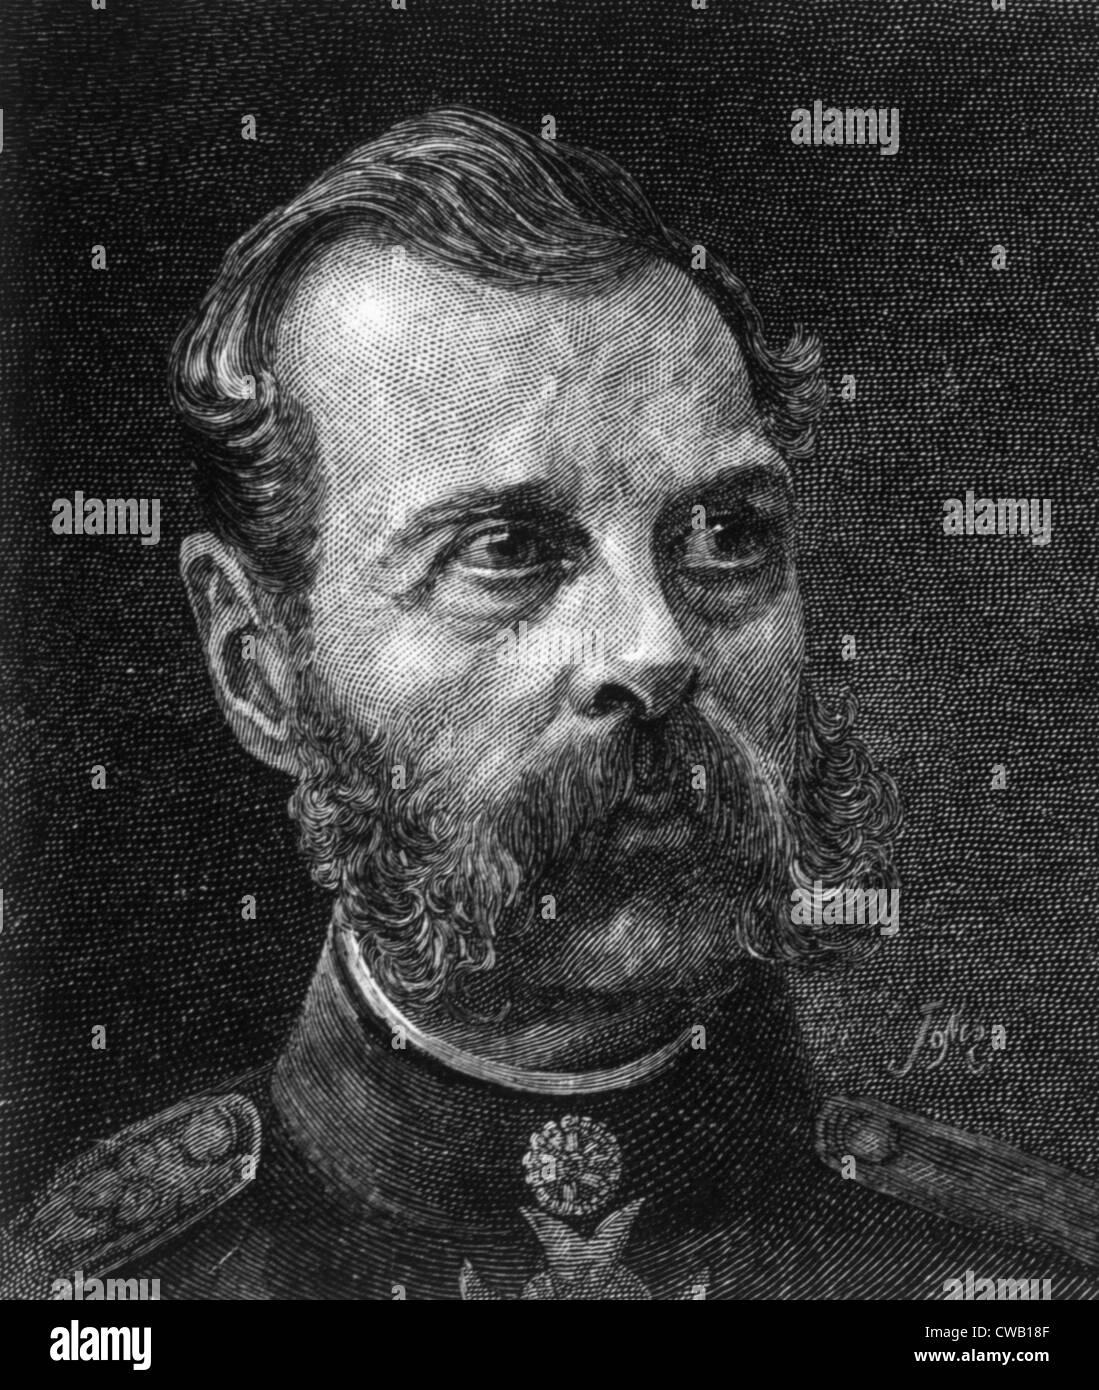 Czar Alexander II (1818-1881), Czar of Russia (1855-1881), engraving 1886 - Stock Image